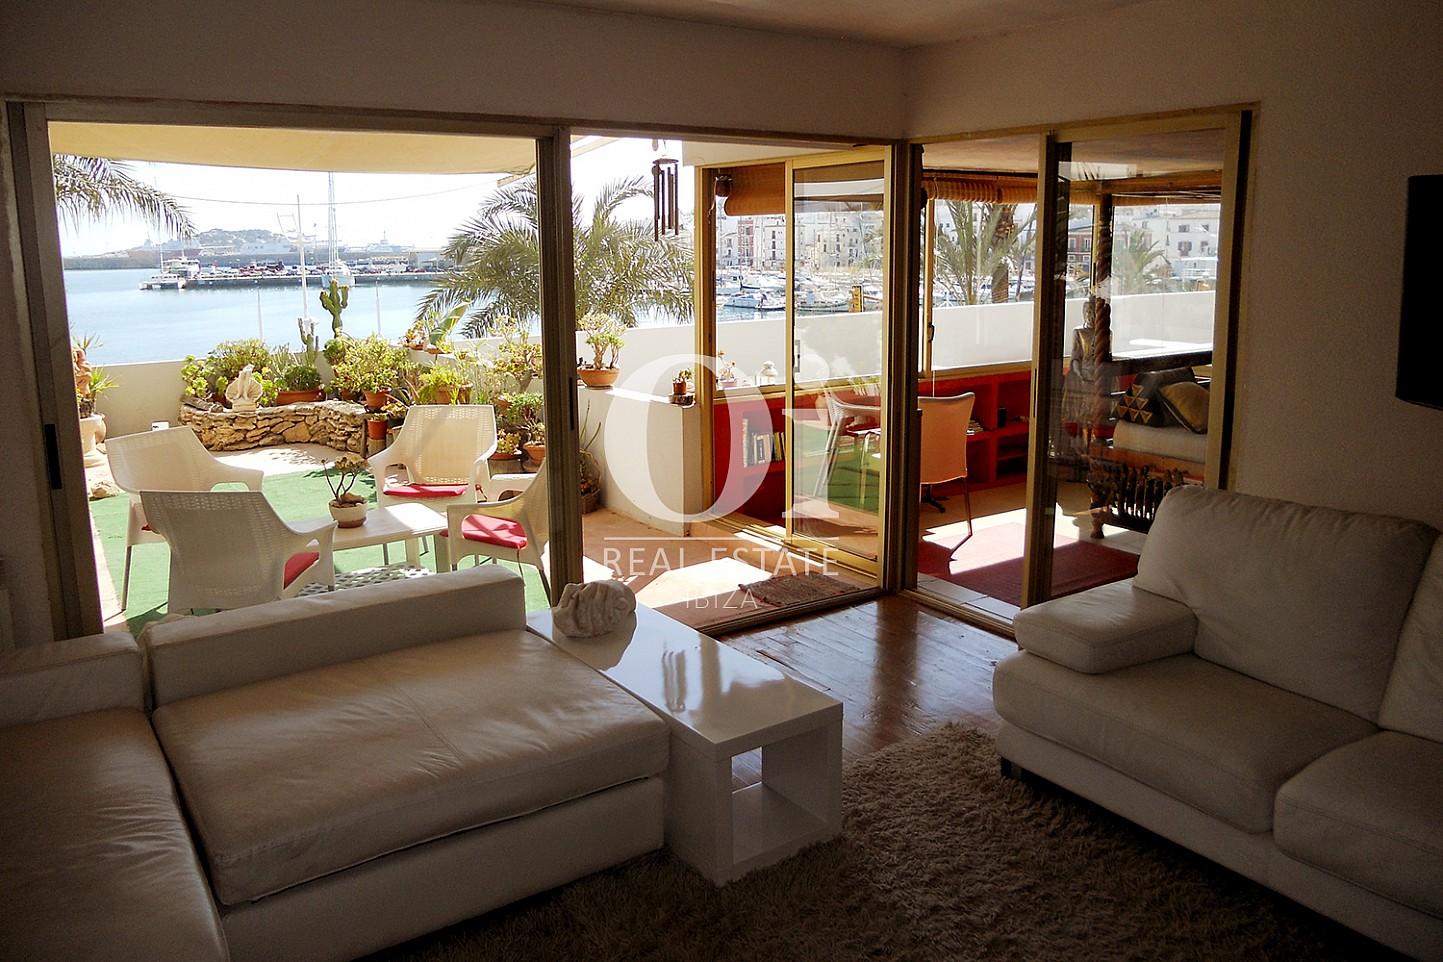 Salon d'appartement à louer à Marina Botafoch, Ibiza